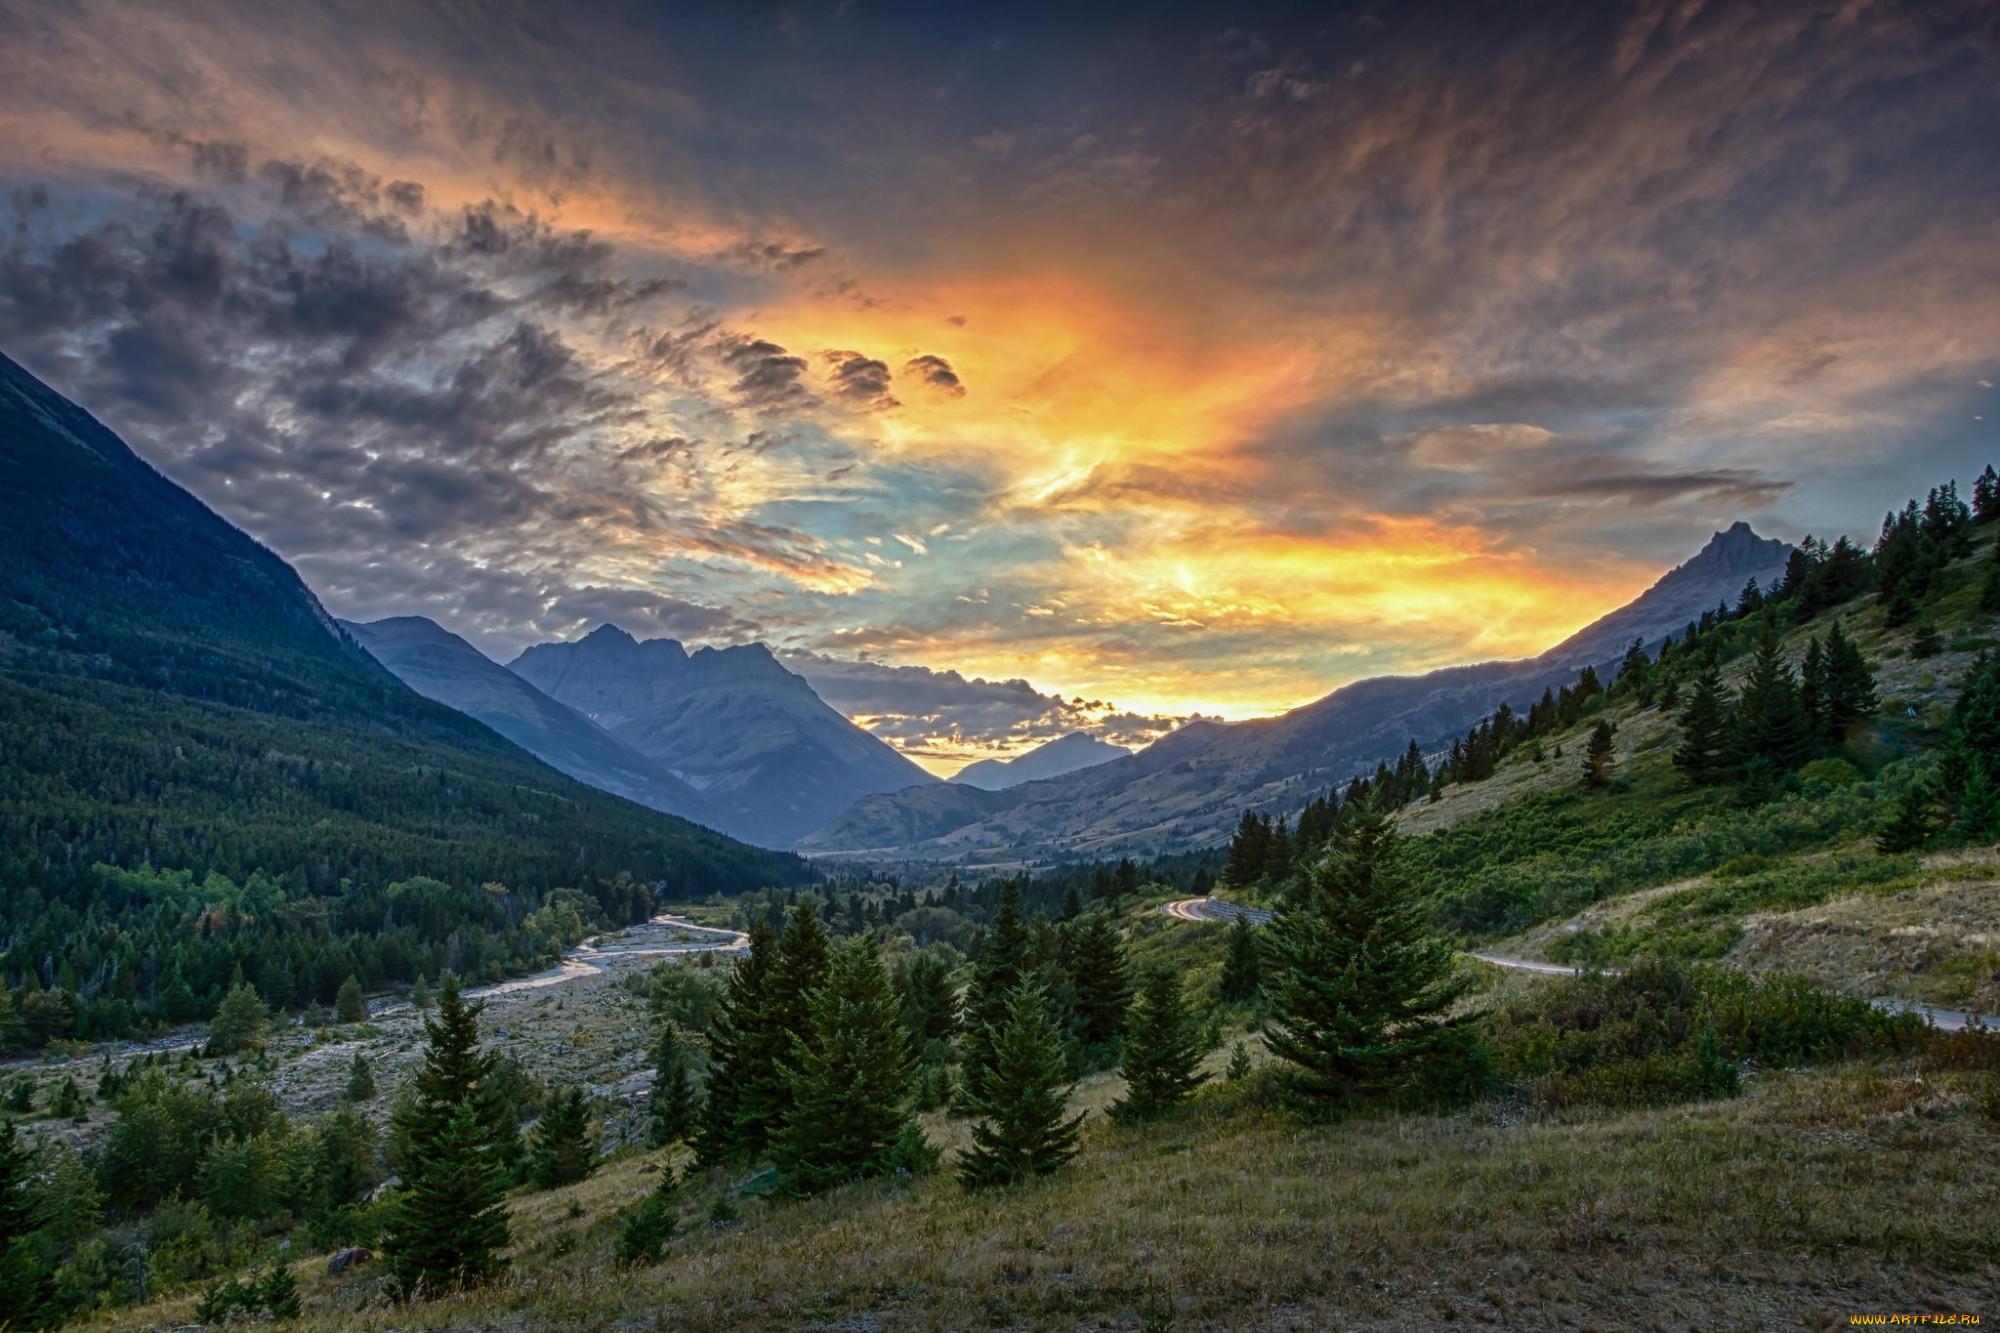 фото горная долина природа бывает